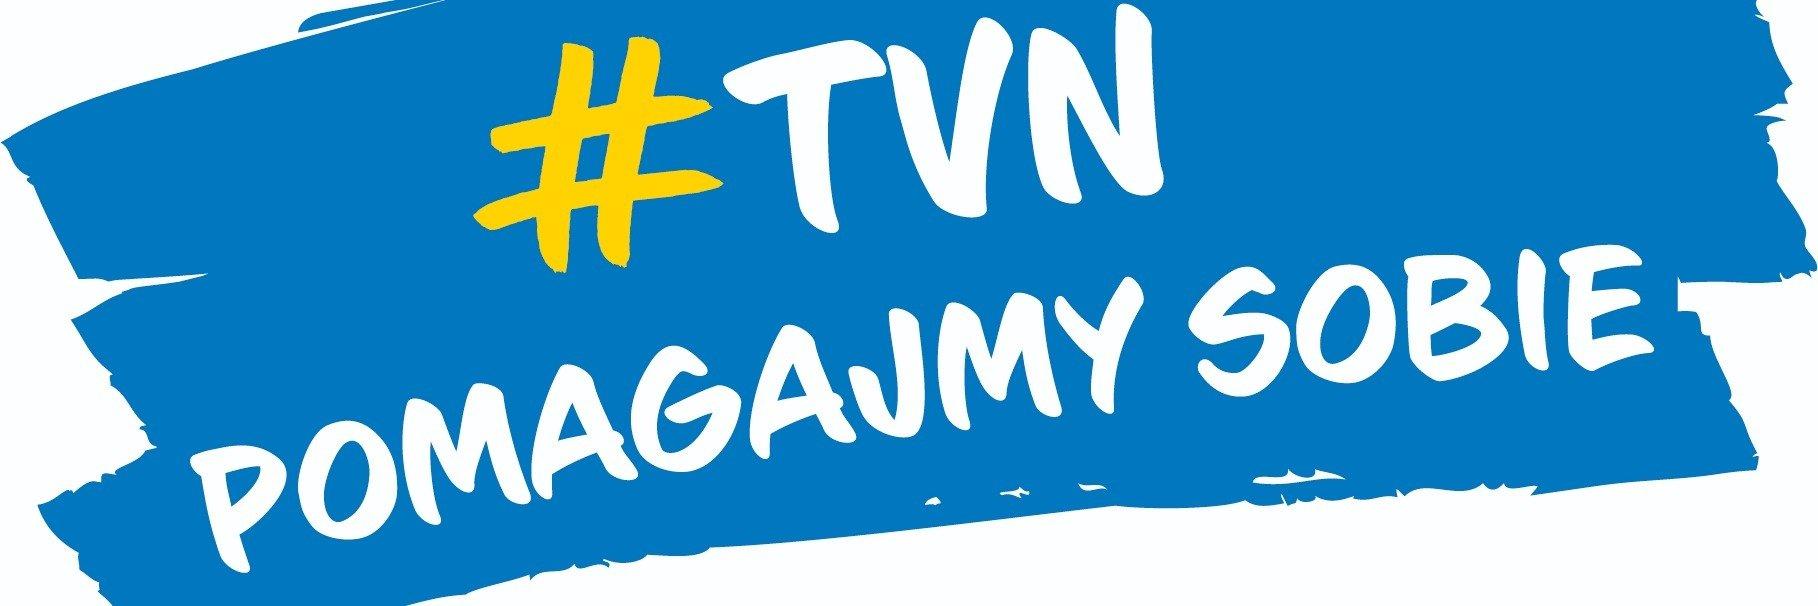 Ponad milion złotych z emisji bloku reklamowego na rzecz akcji #TVNpomagajmysobie. Dziękujemy!